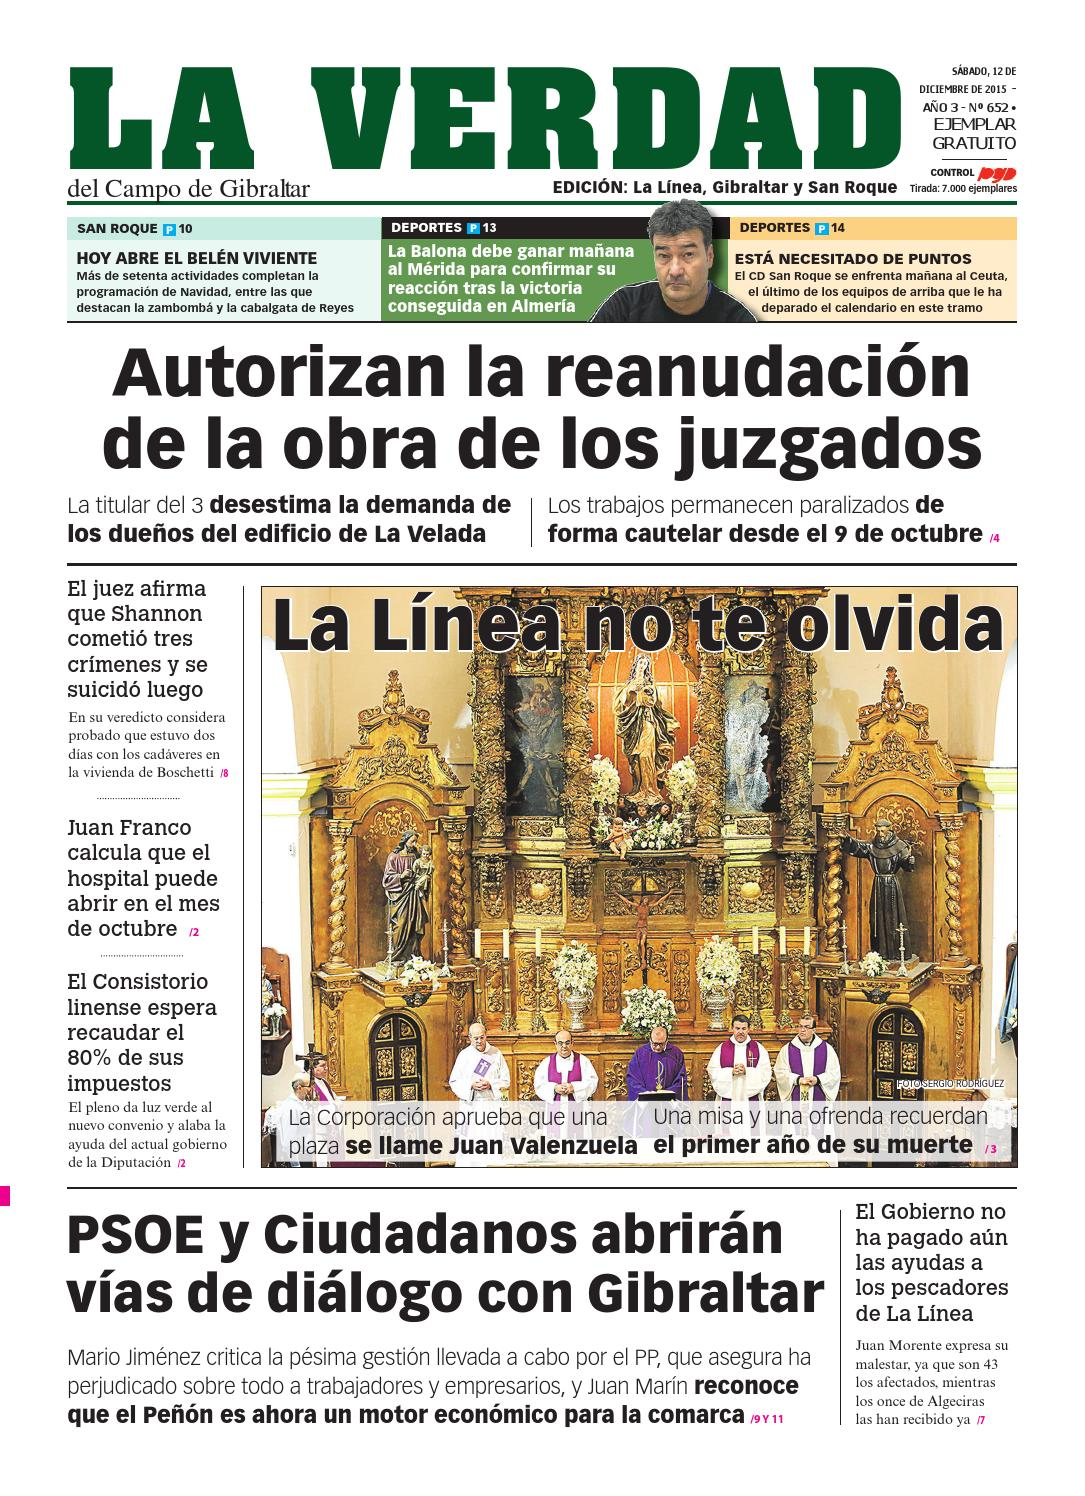 Pdflalinea compressed (1) by La Verdad del Campo de Gibraltar - issuu